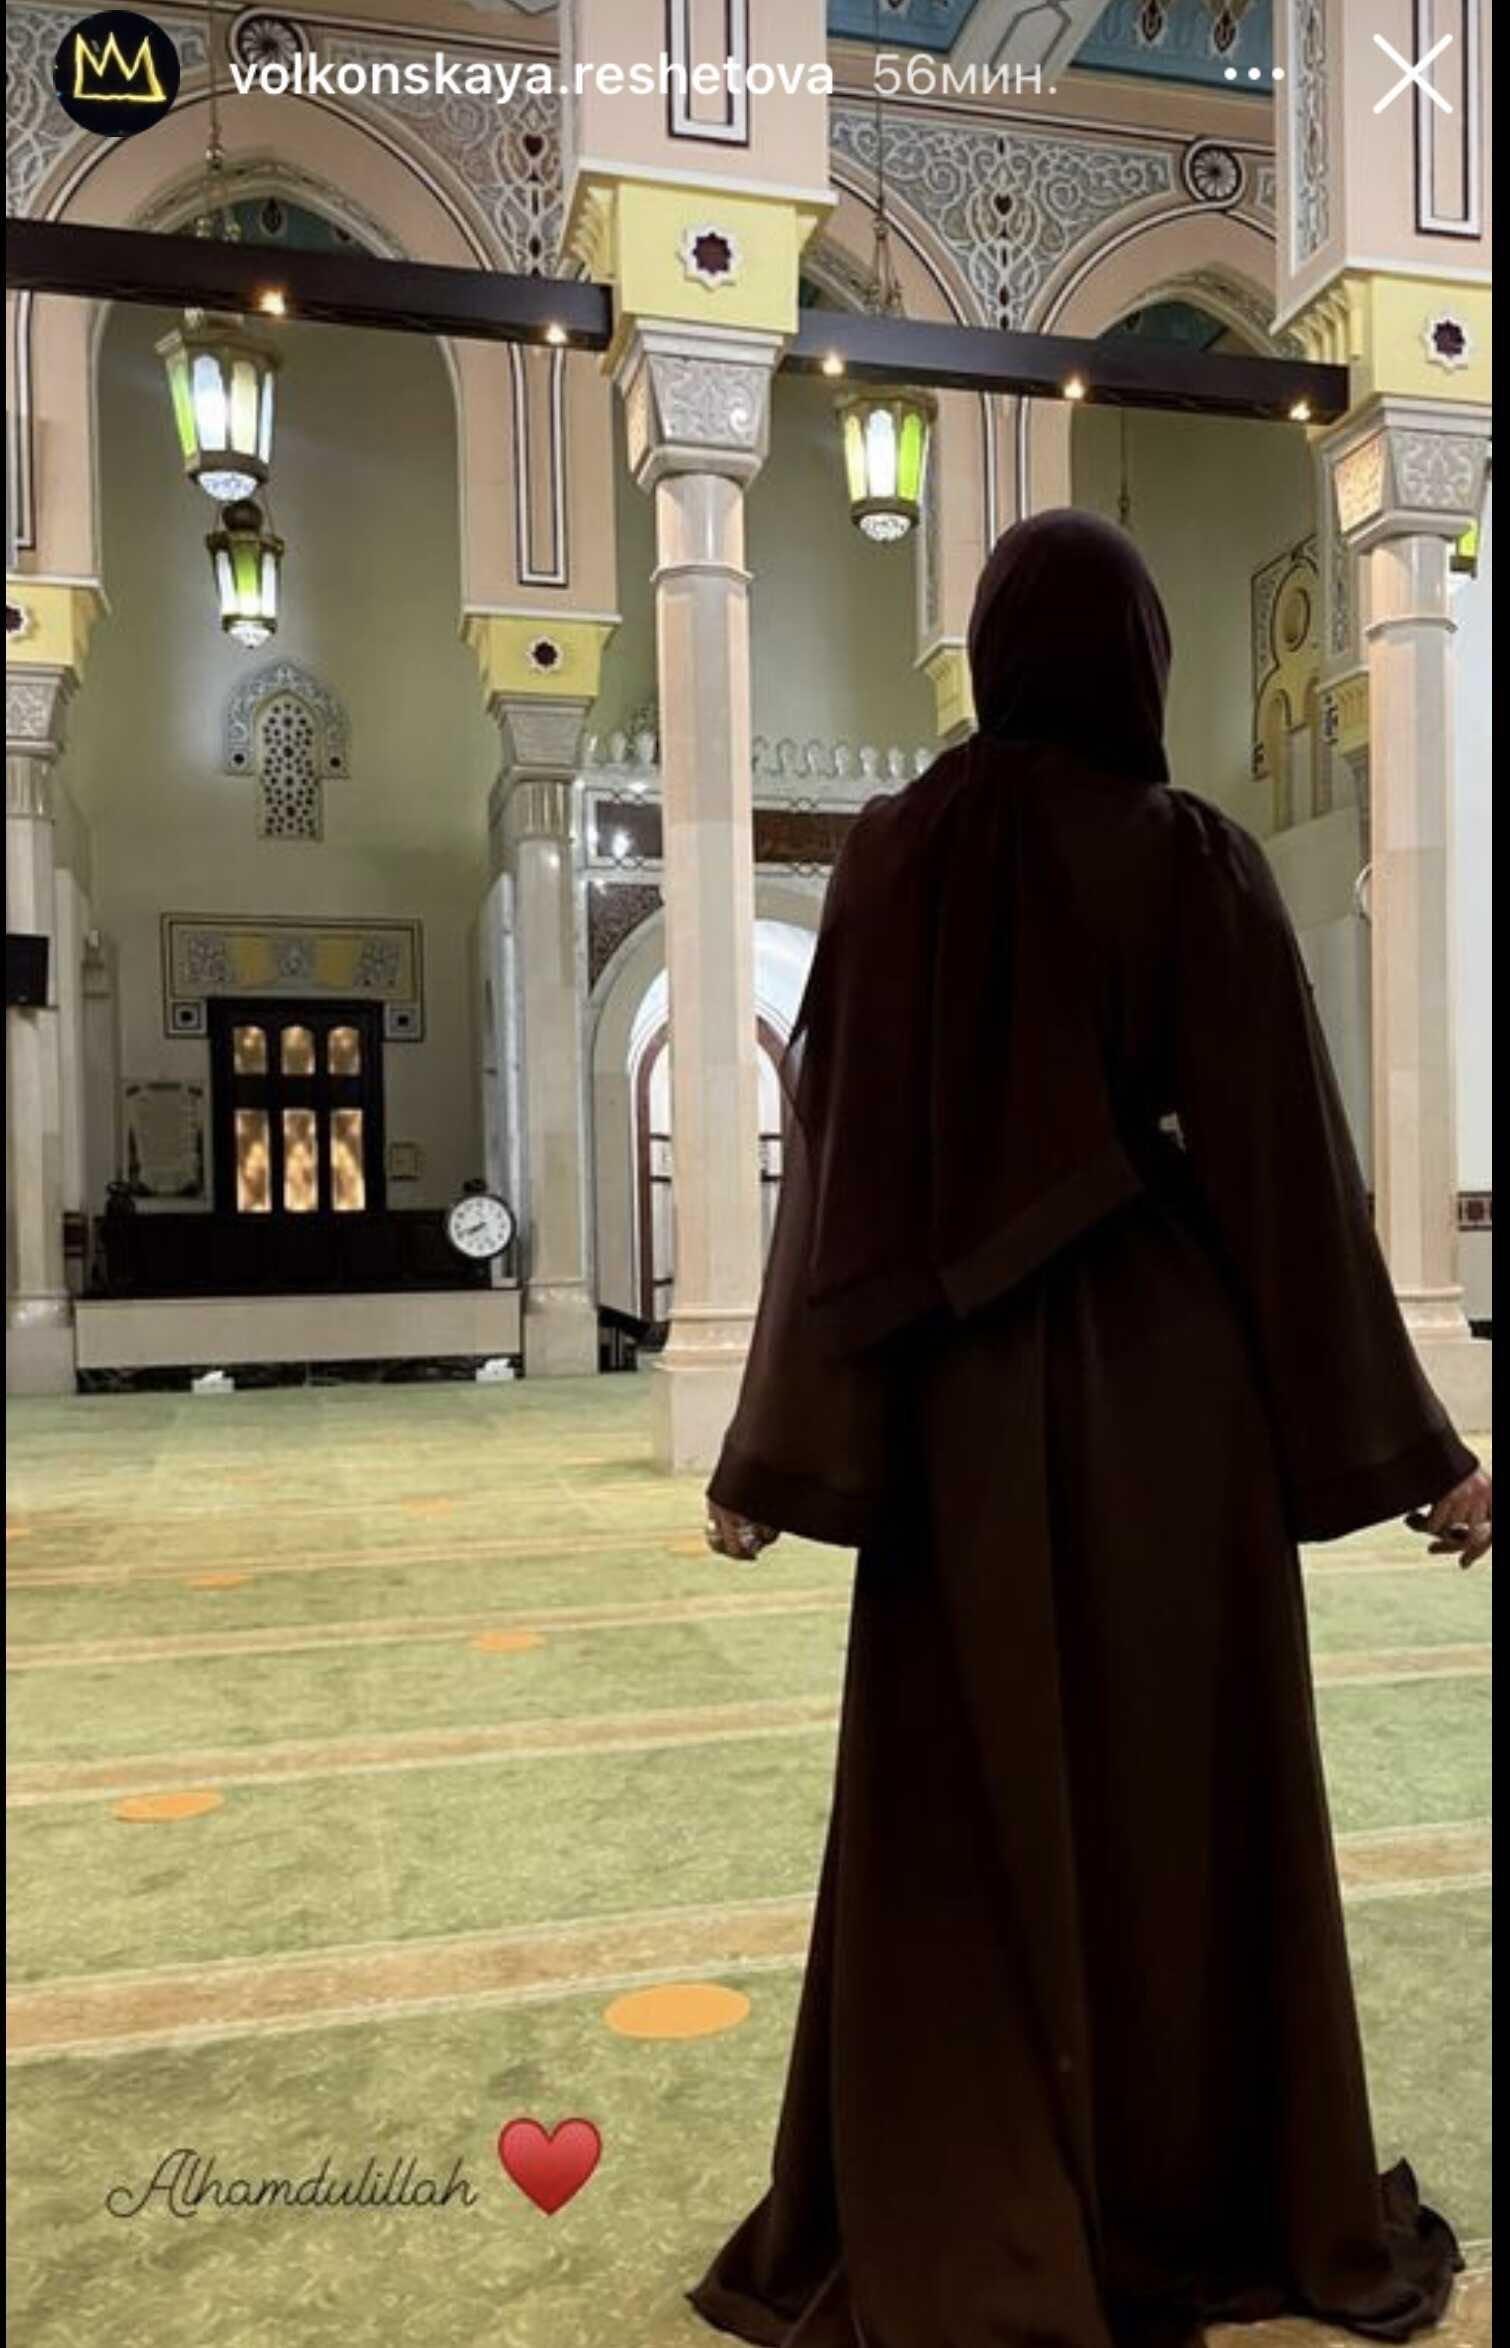 Анастасия Решетова в мусульманской одежде пришла в мечеть